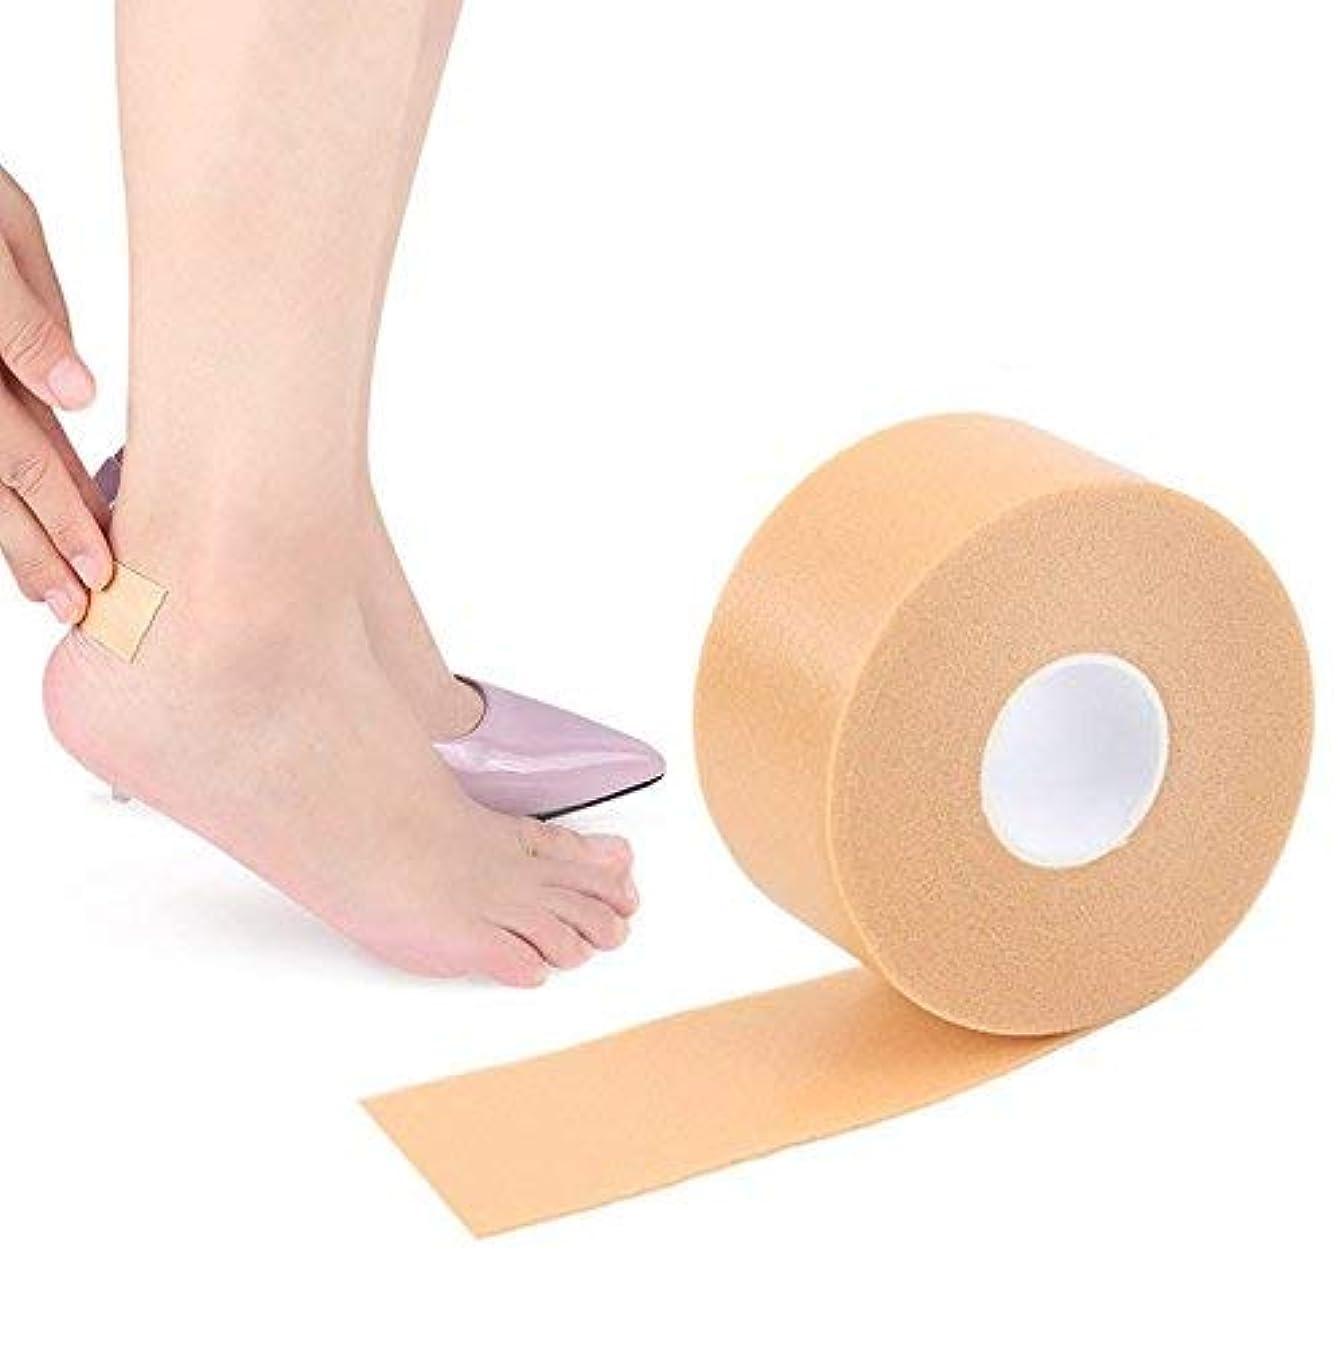 にんじん資本主義すでにFlymylion 靴擦れ防止 テープ パッド カカト用 25mm×5M 100回使える